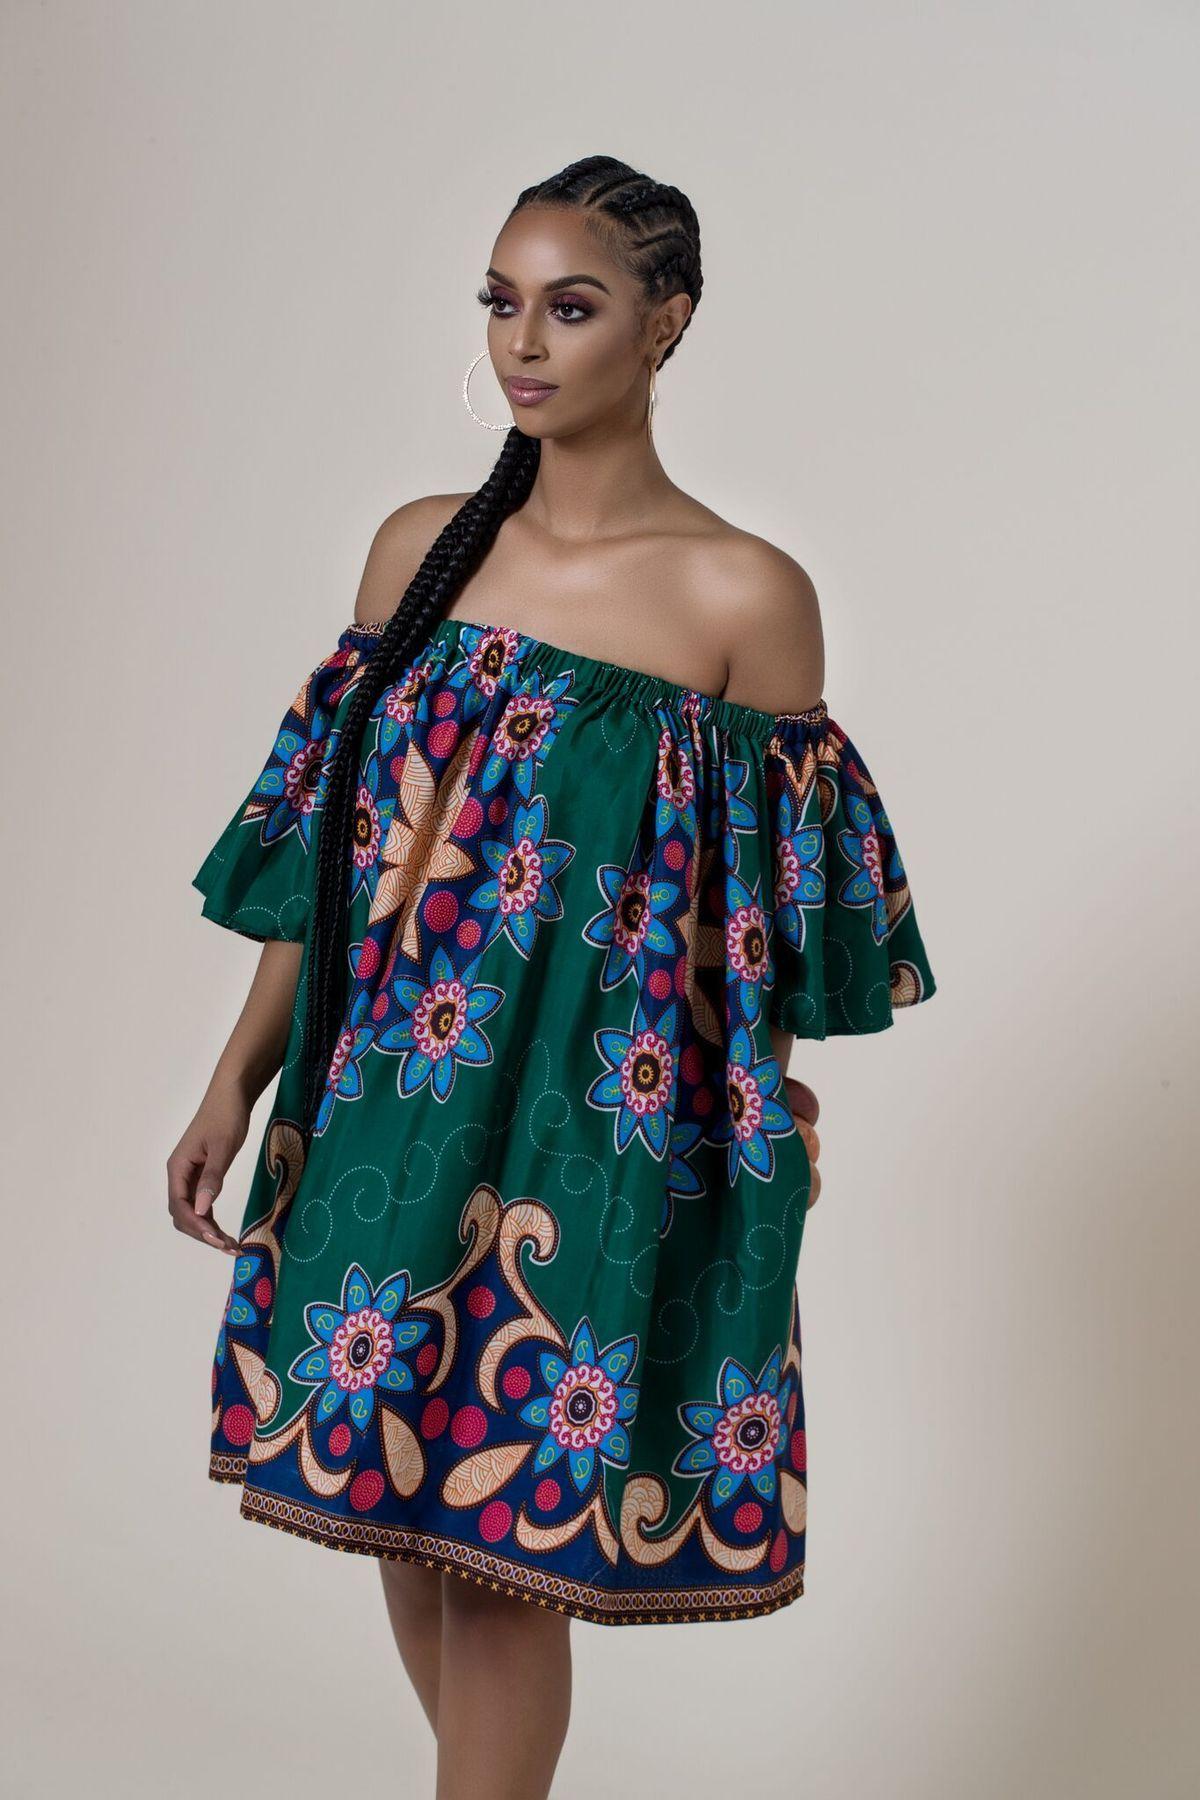 grass-fields-matching-sets-us4-uk8-african-print-eugette-dress-7921680810042_1200x.jpg